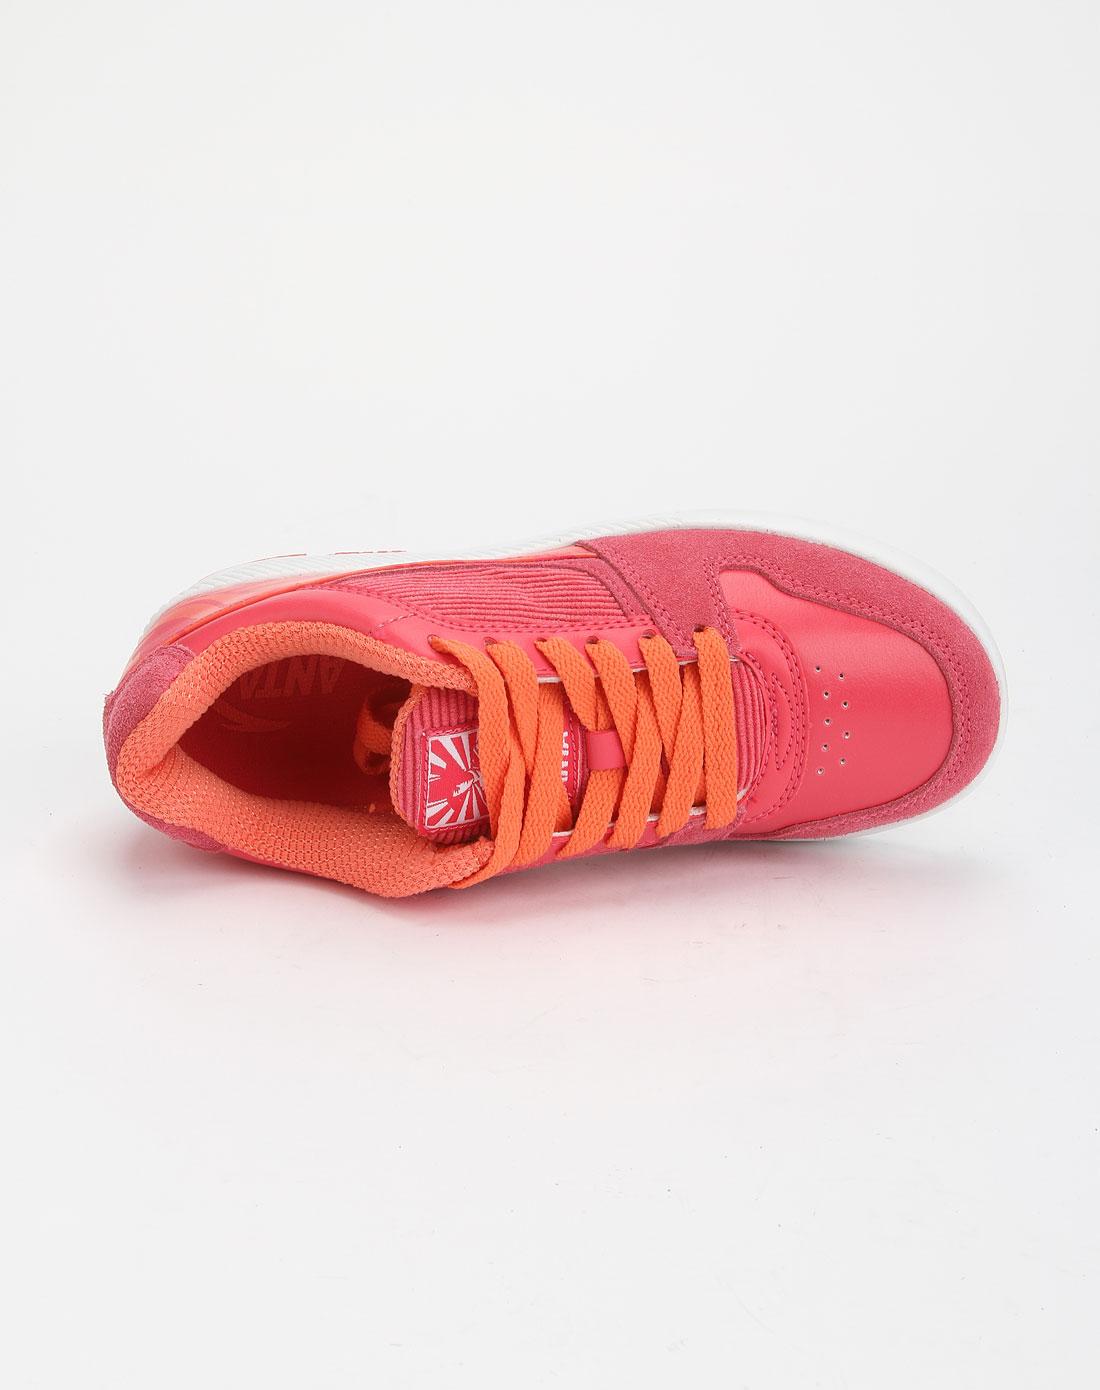 安踏anta女款桃红色休闲时尚绑带板鞋62141059-3